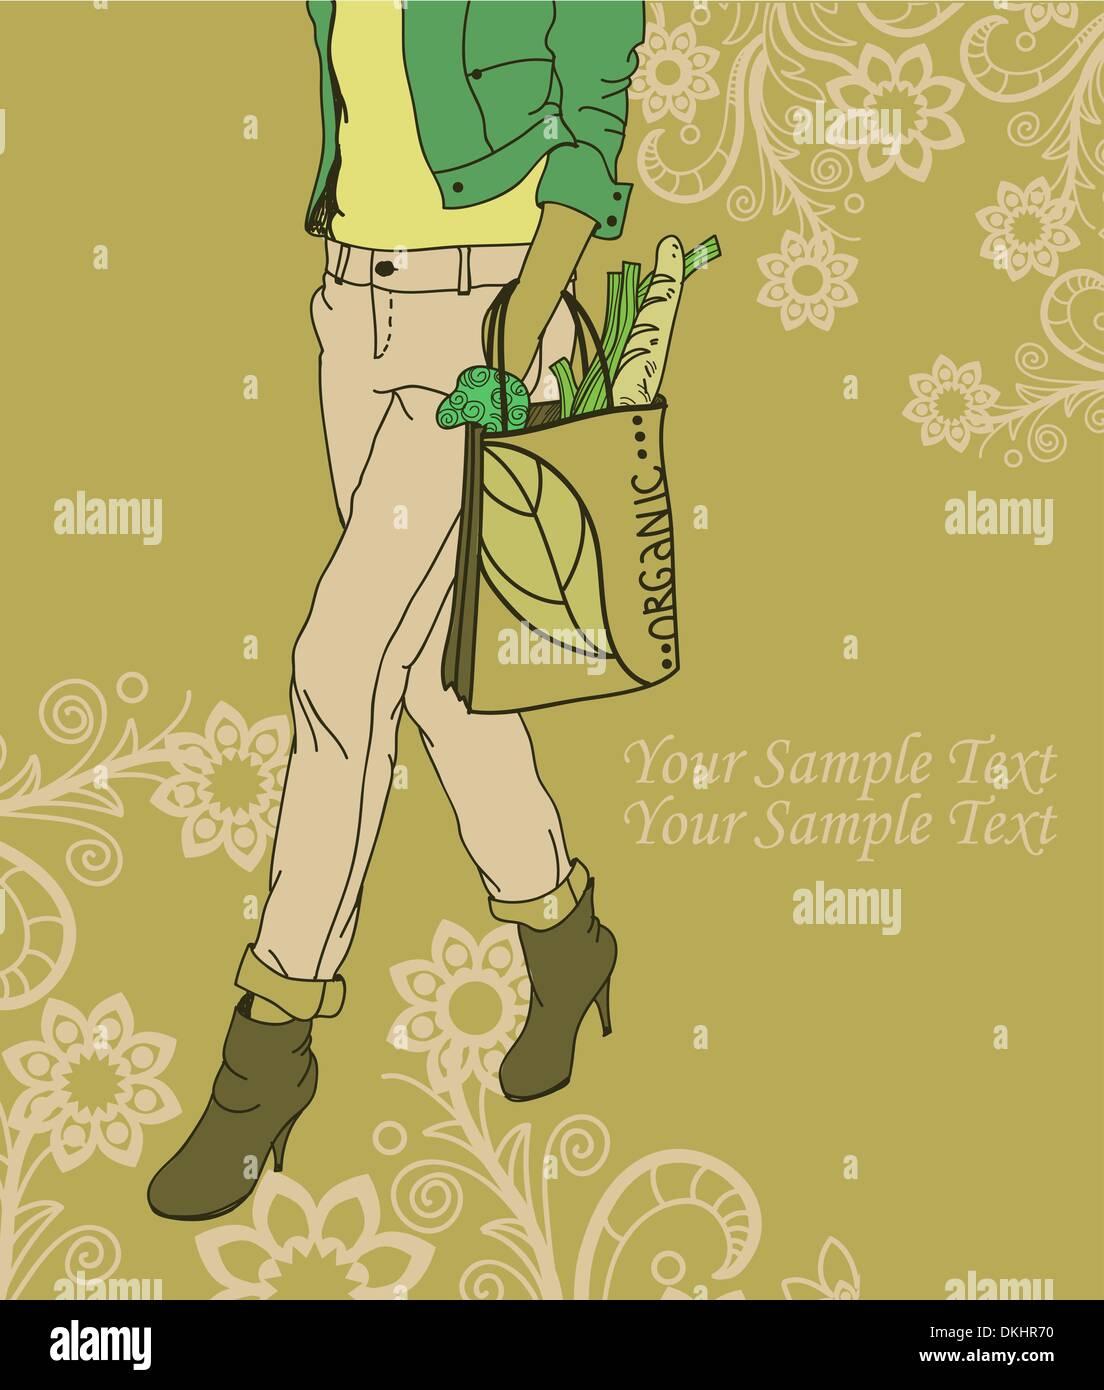 Fashion girl avec un sac de produits biologiques sur un fond floral Photo Stock